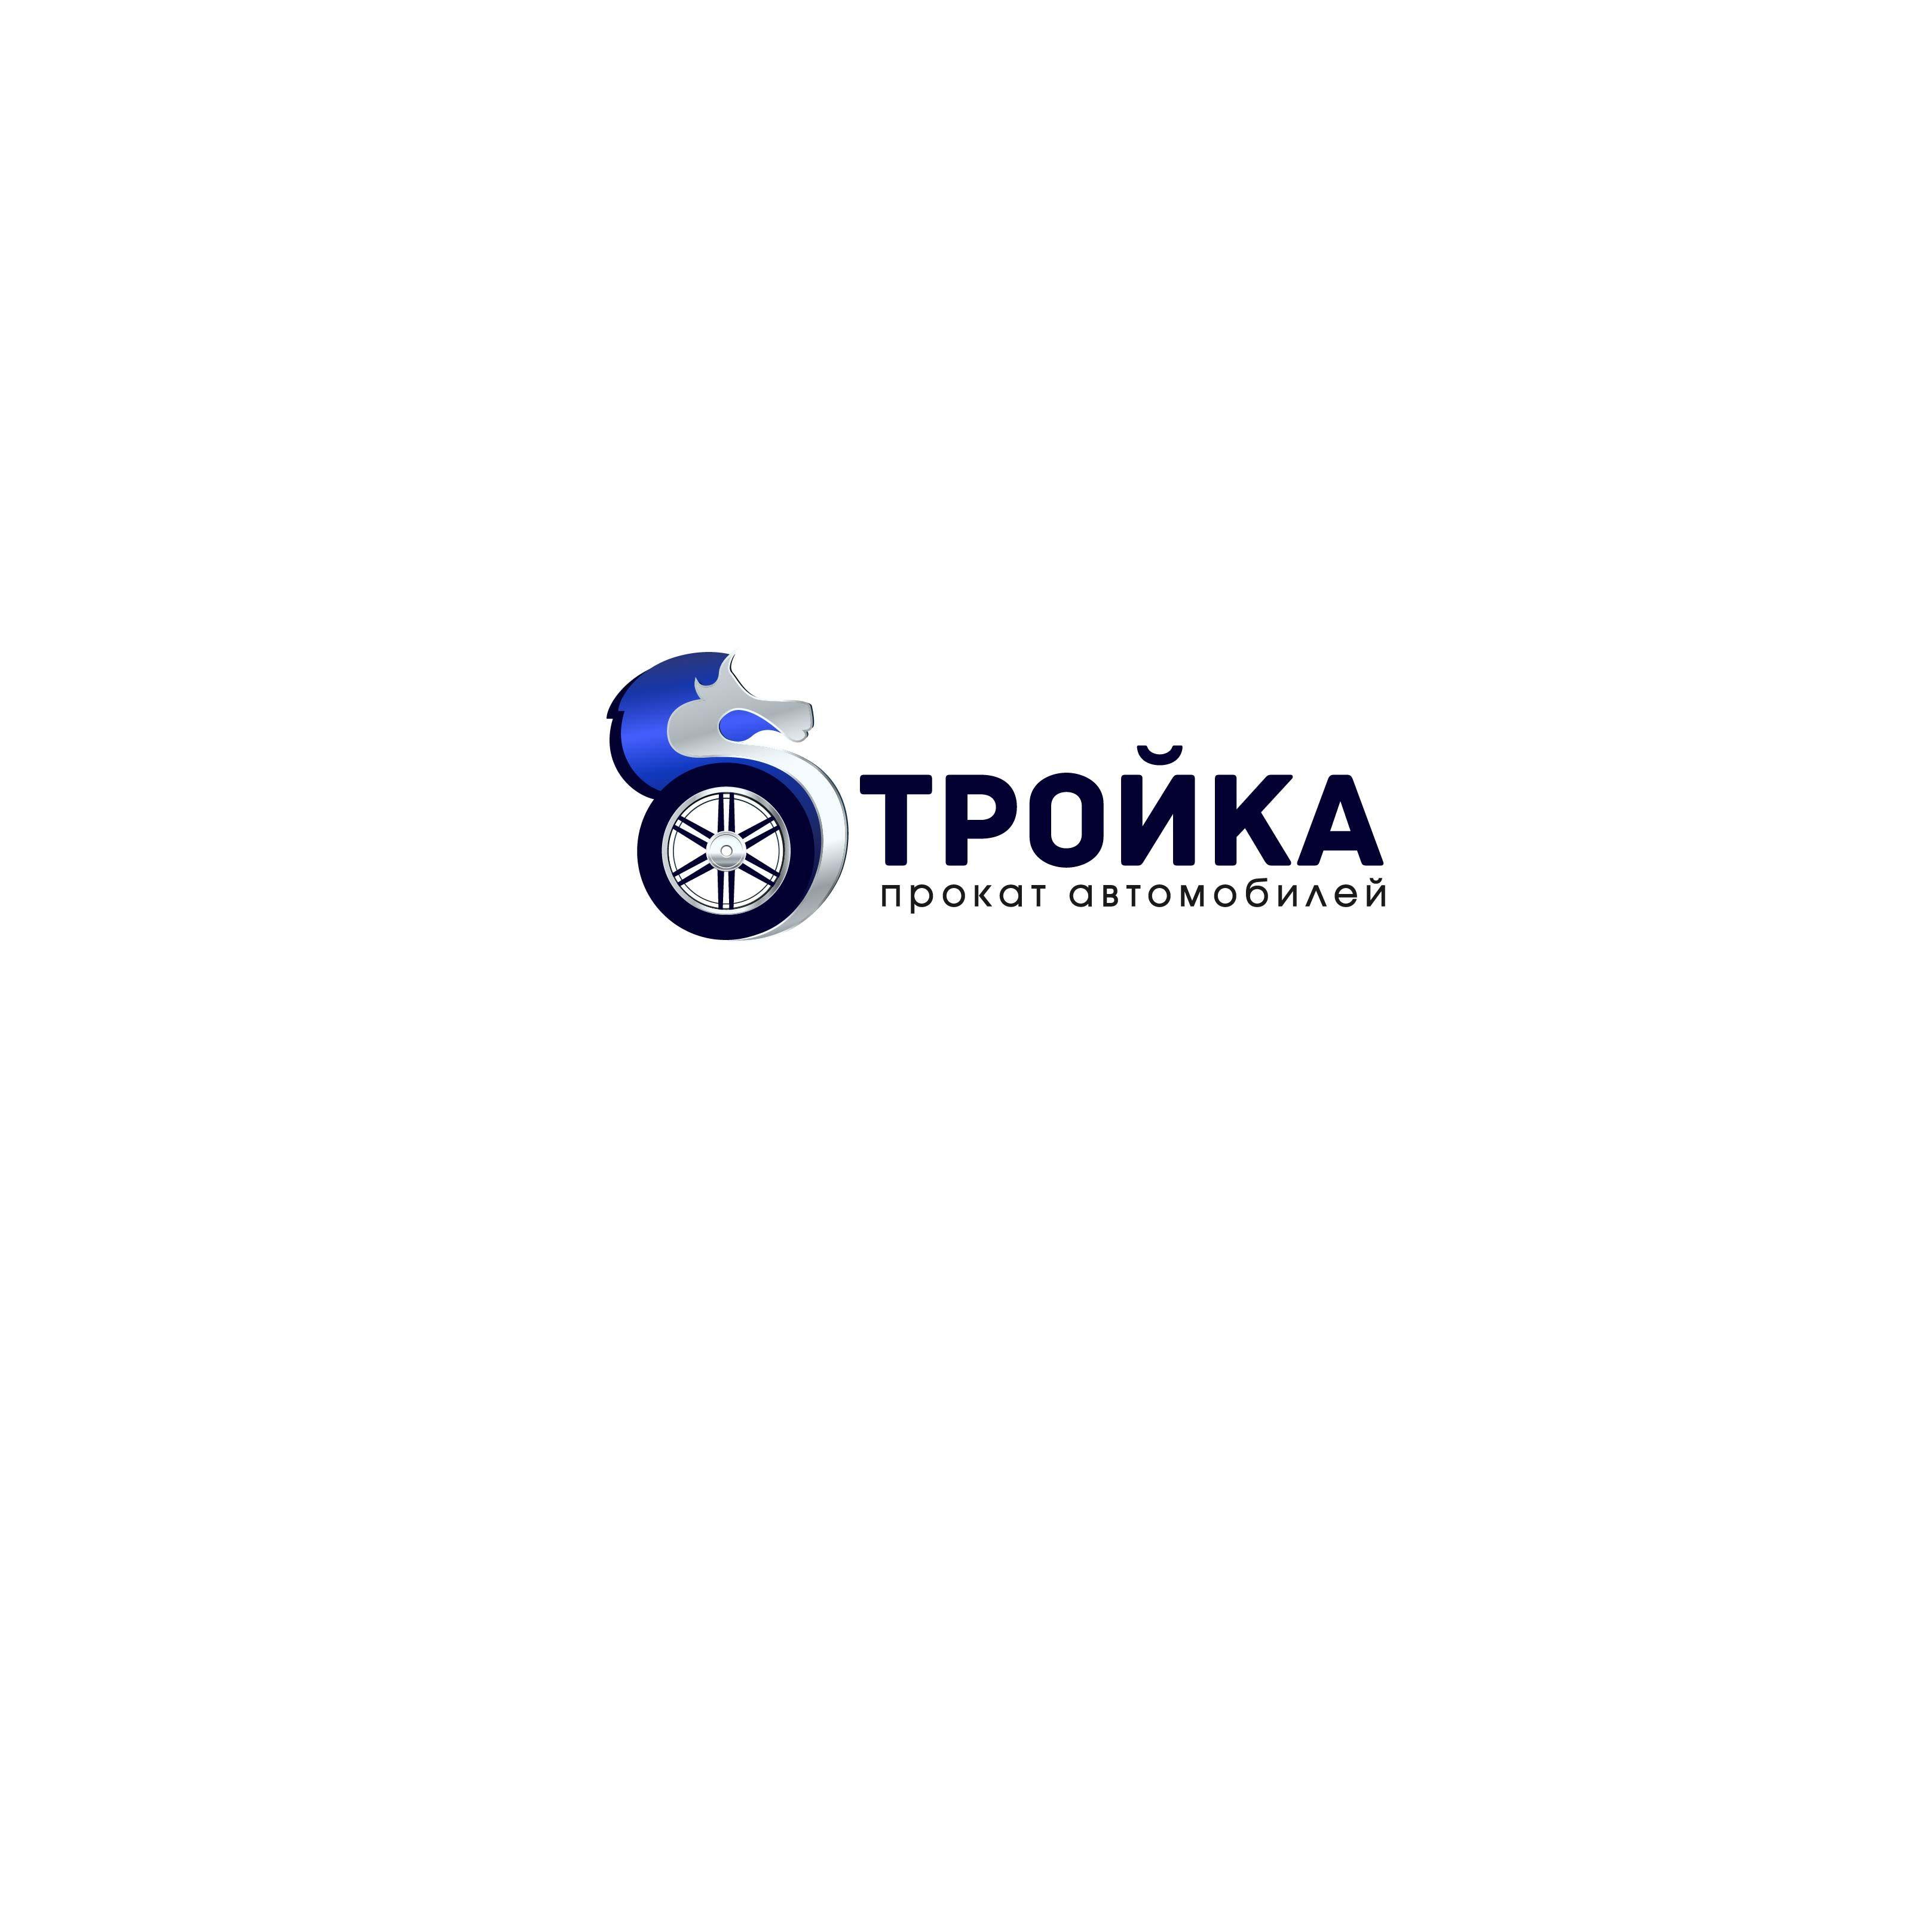 Логотип для компании проката автомобилей - дизайнер AngelinaNew